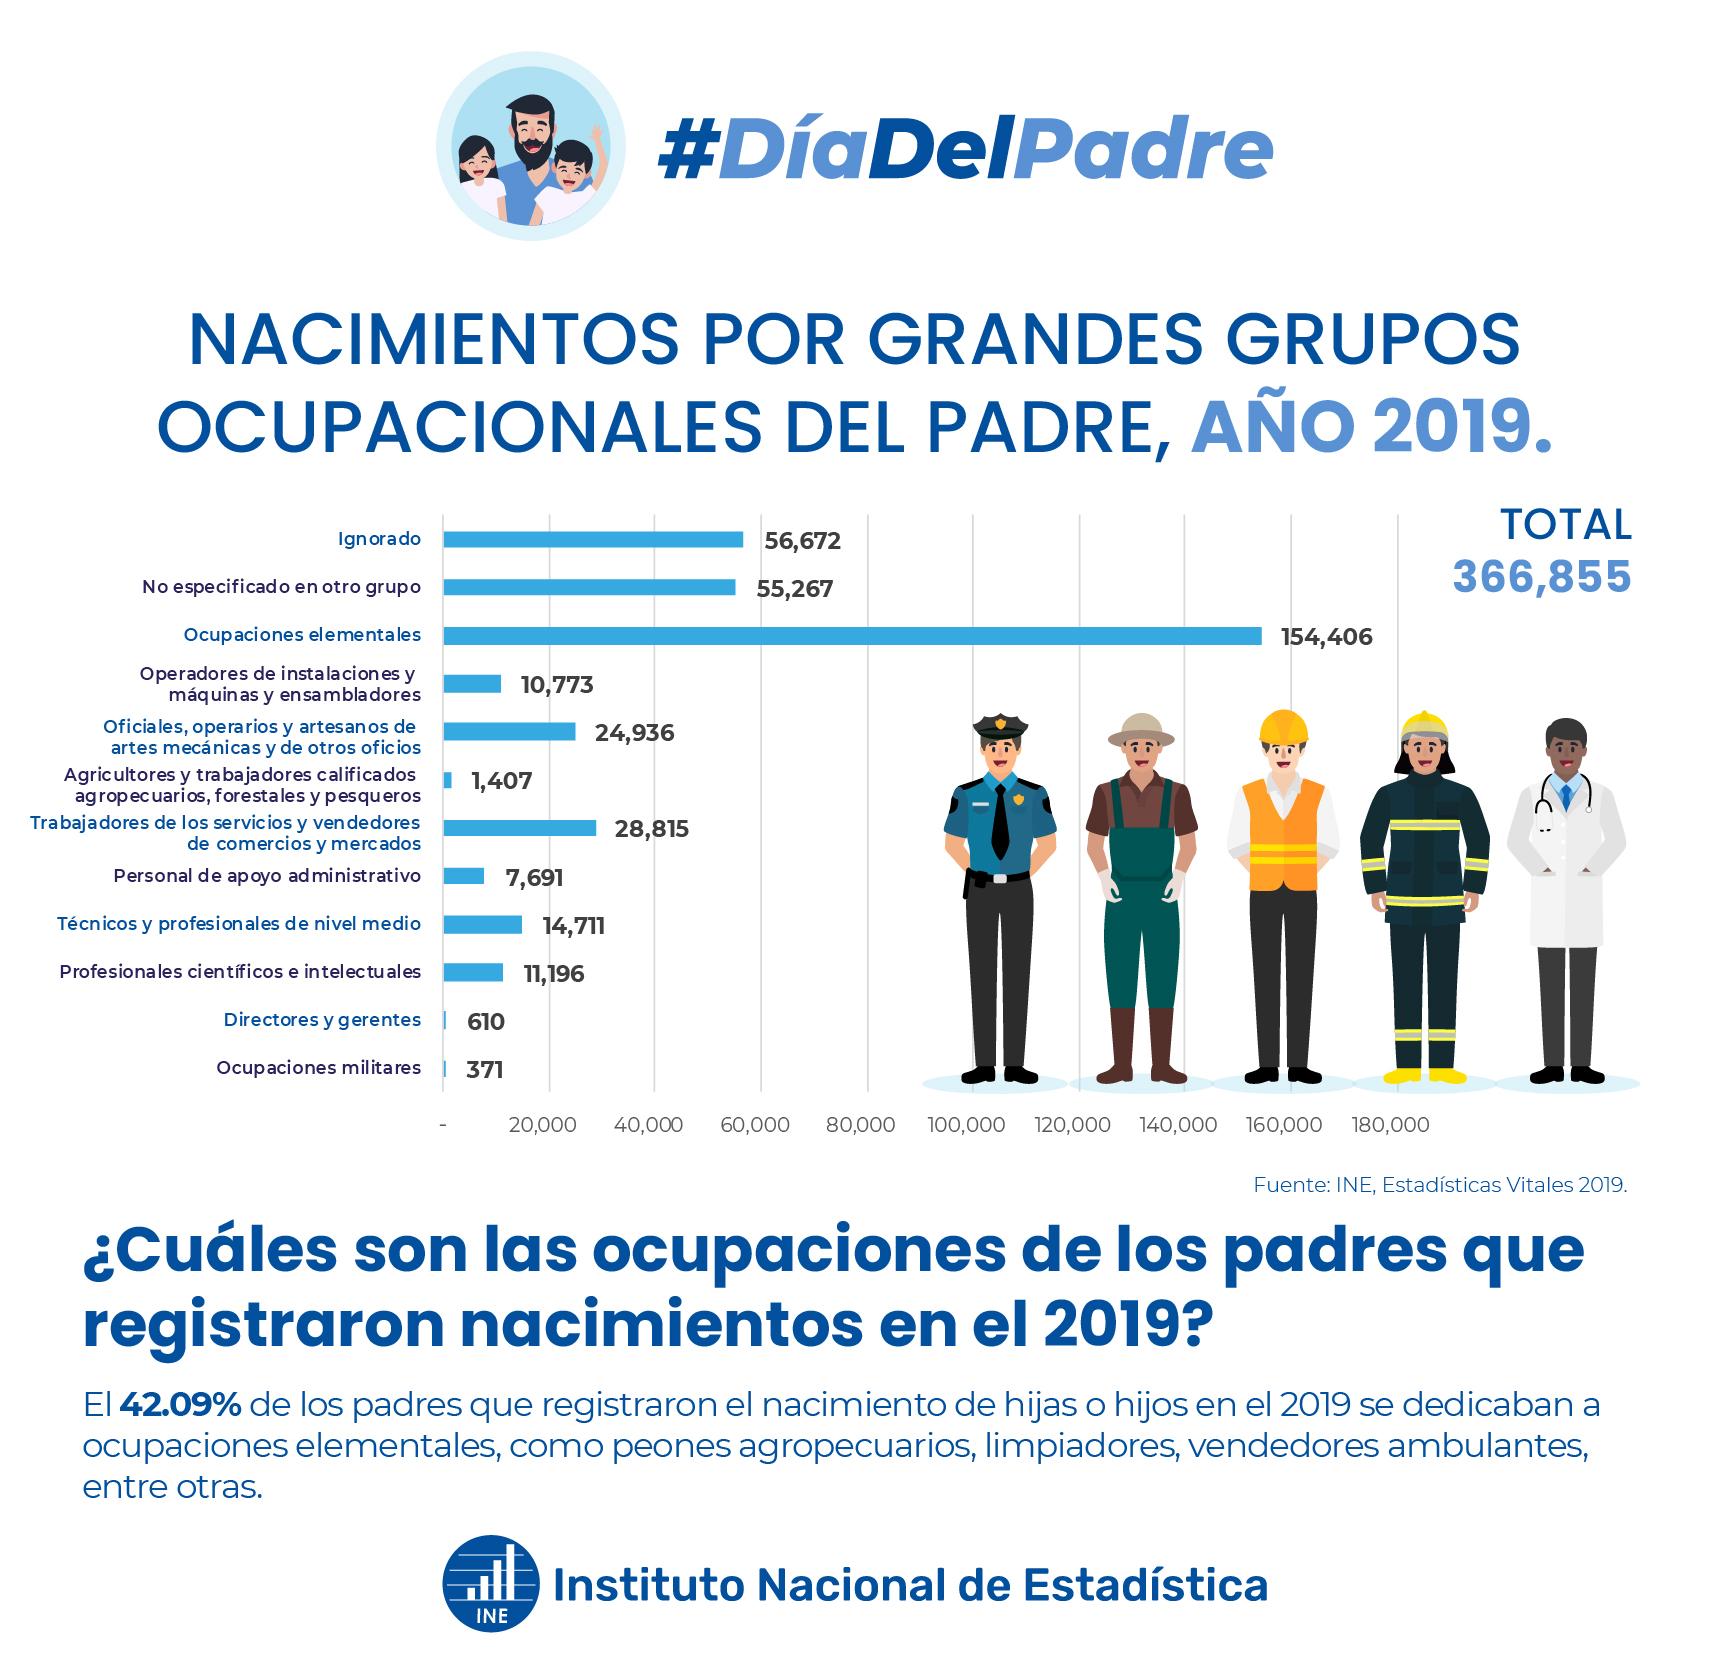 Nacimientos por grupos ocupacionales del padre